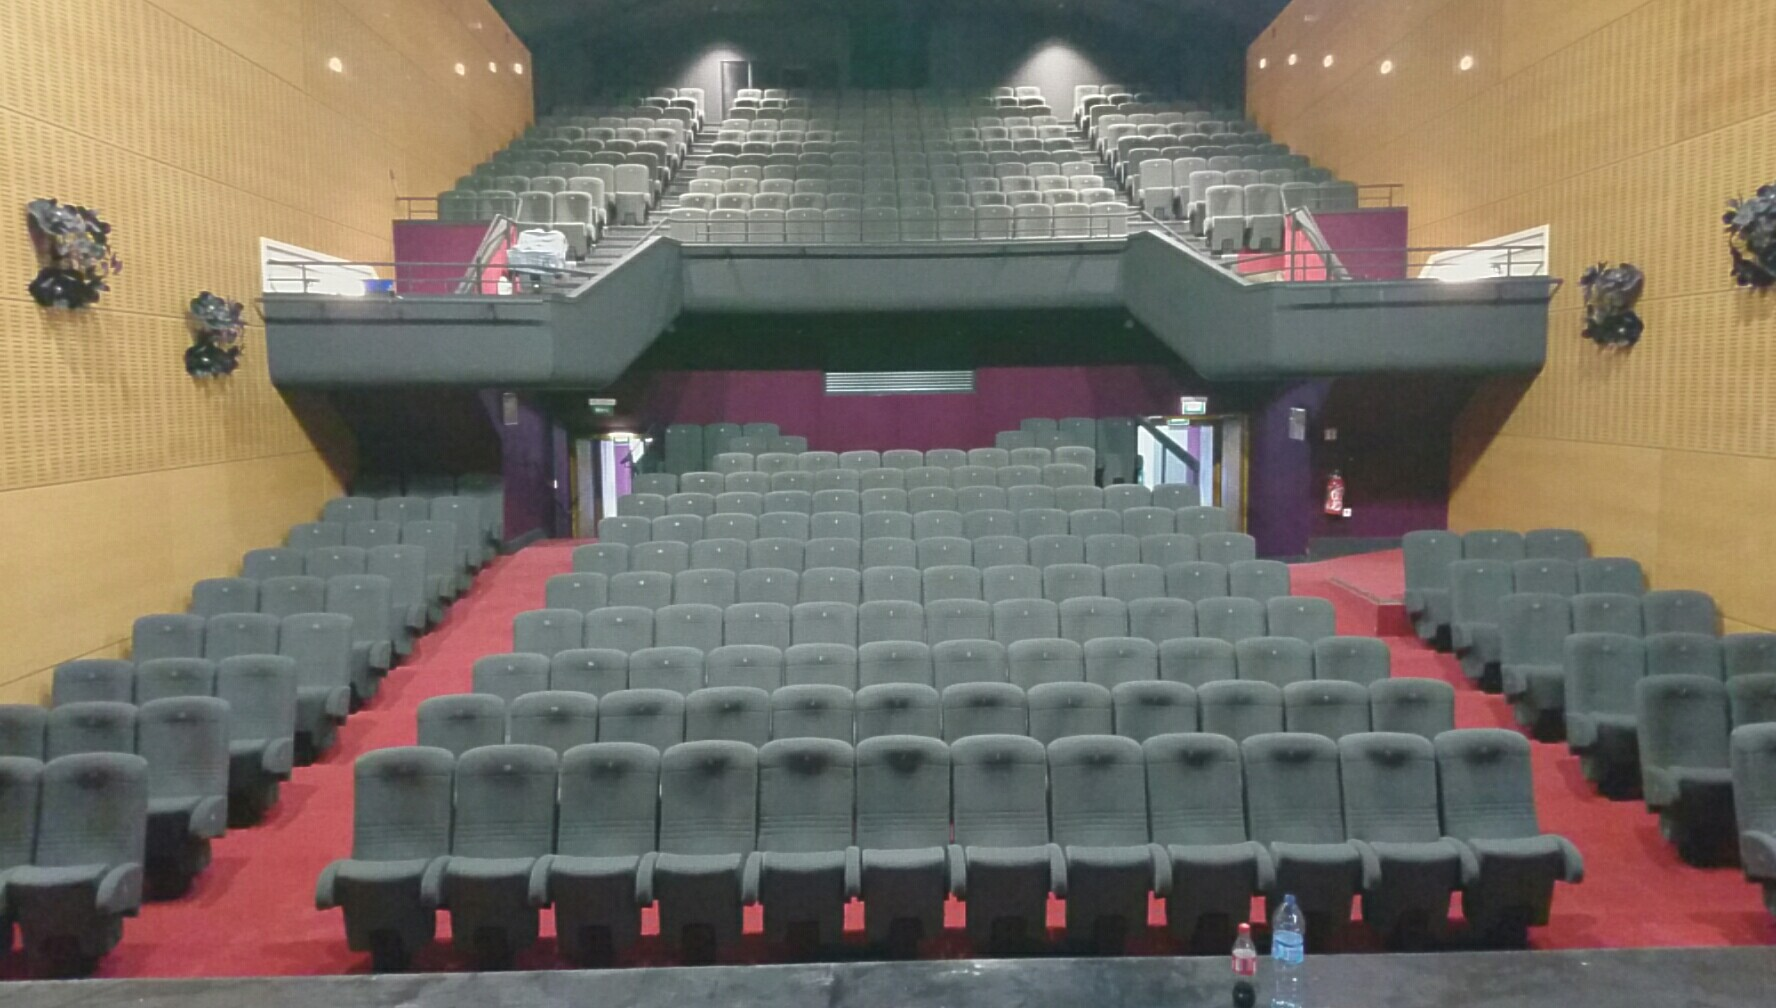 Kleslo - Leader de fabrication de fauteuils cinéma, théâtre ... forum rioms inertie caisson